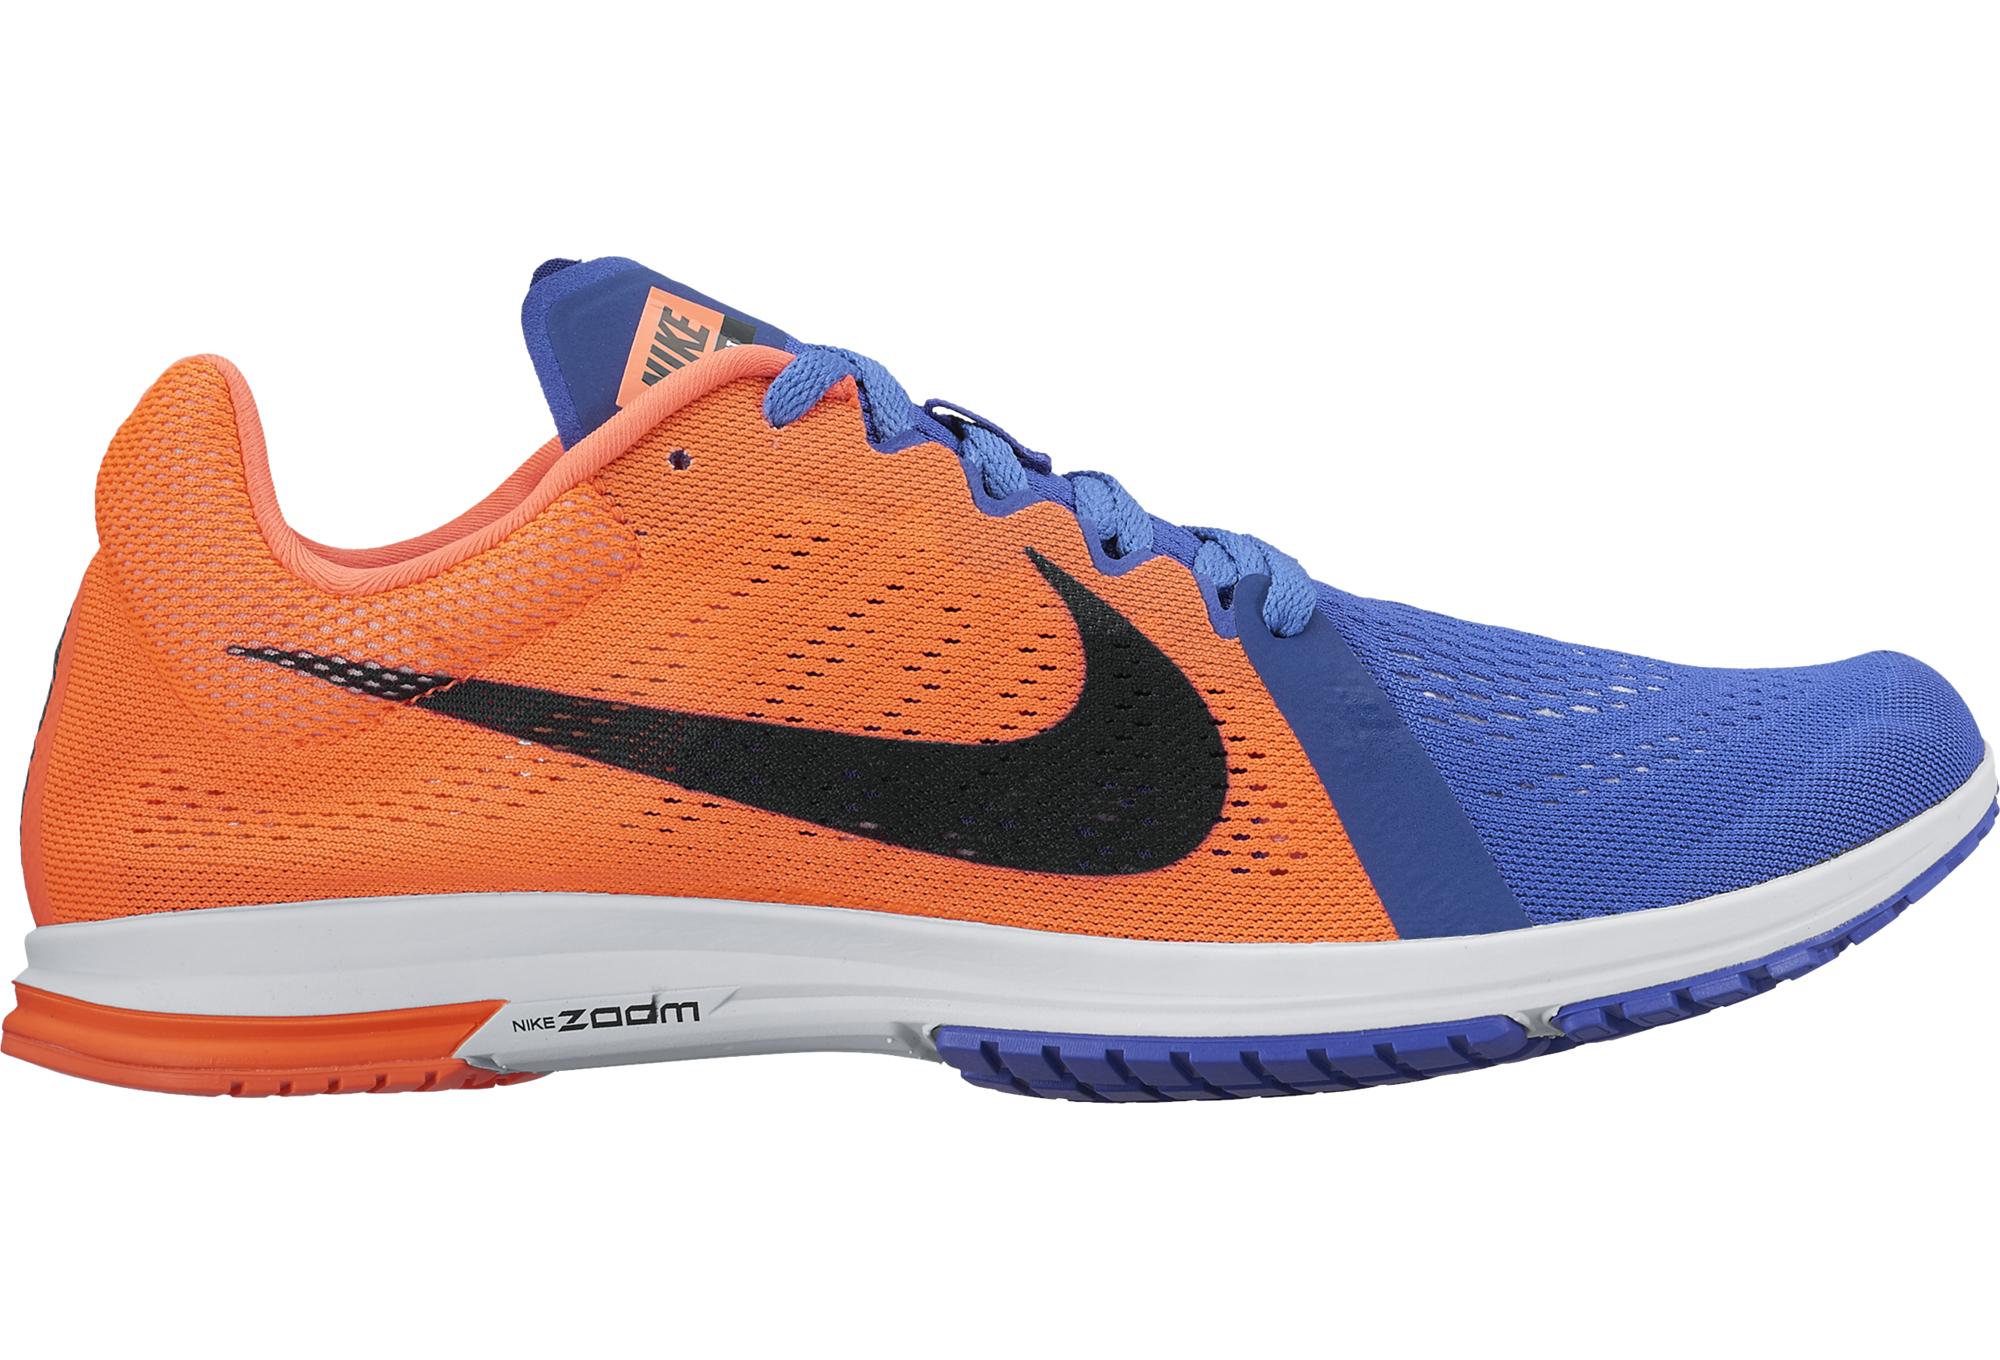 Zoom Orange Nike Streak Bleu Lt3 Unisex doCWQrxeBE